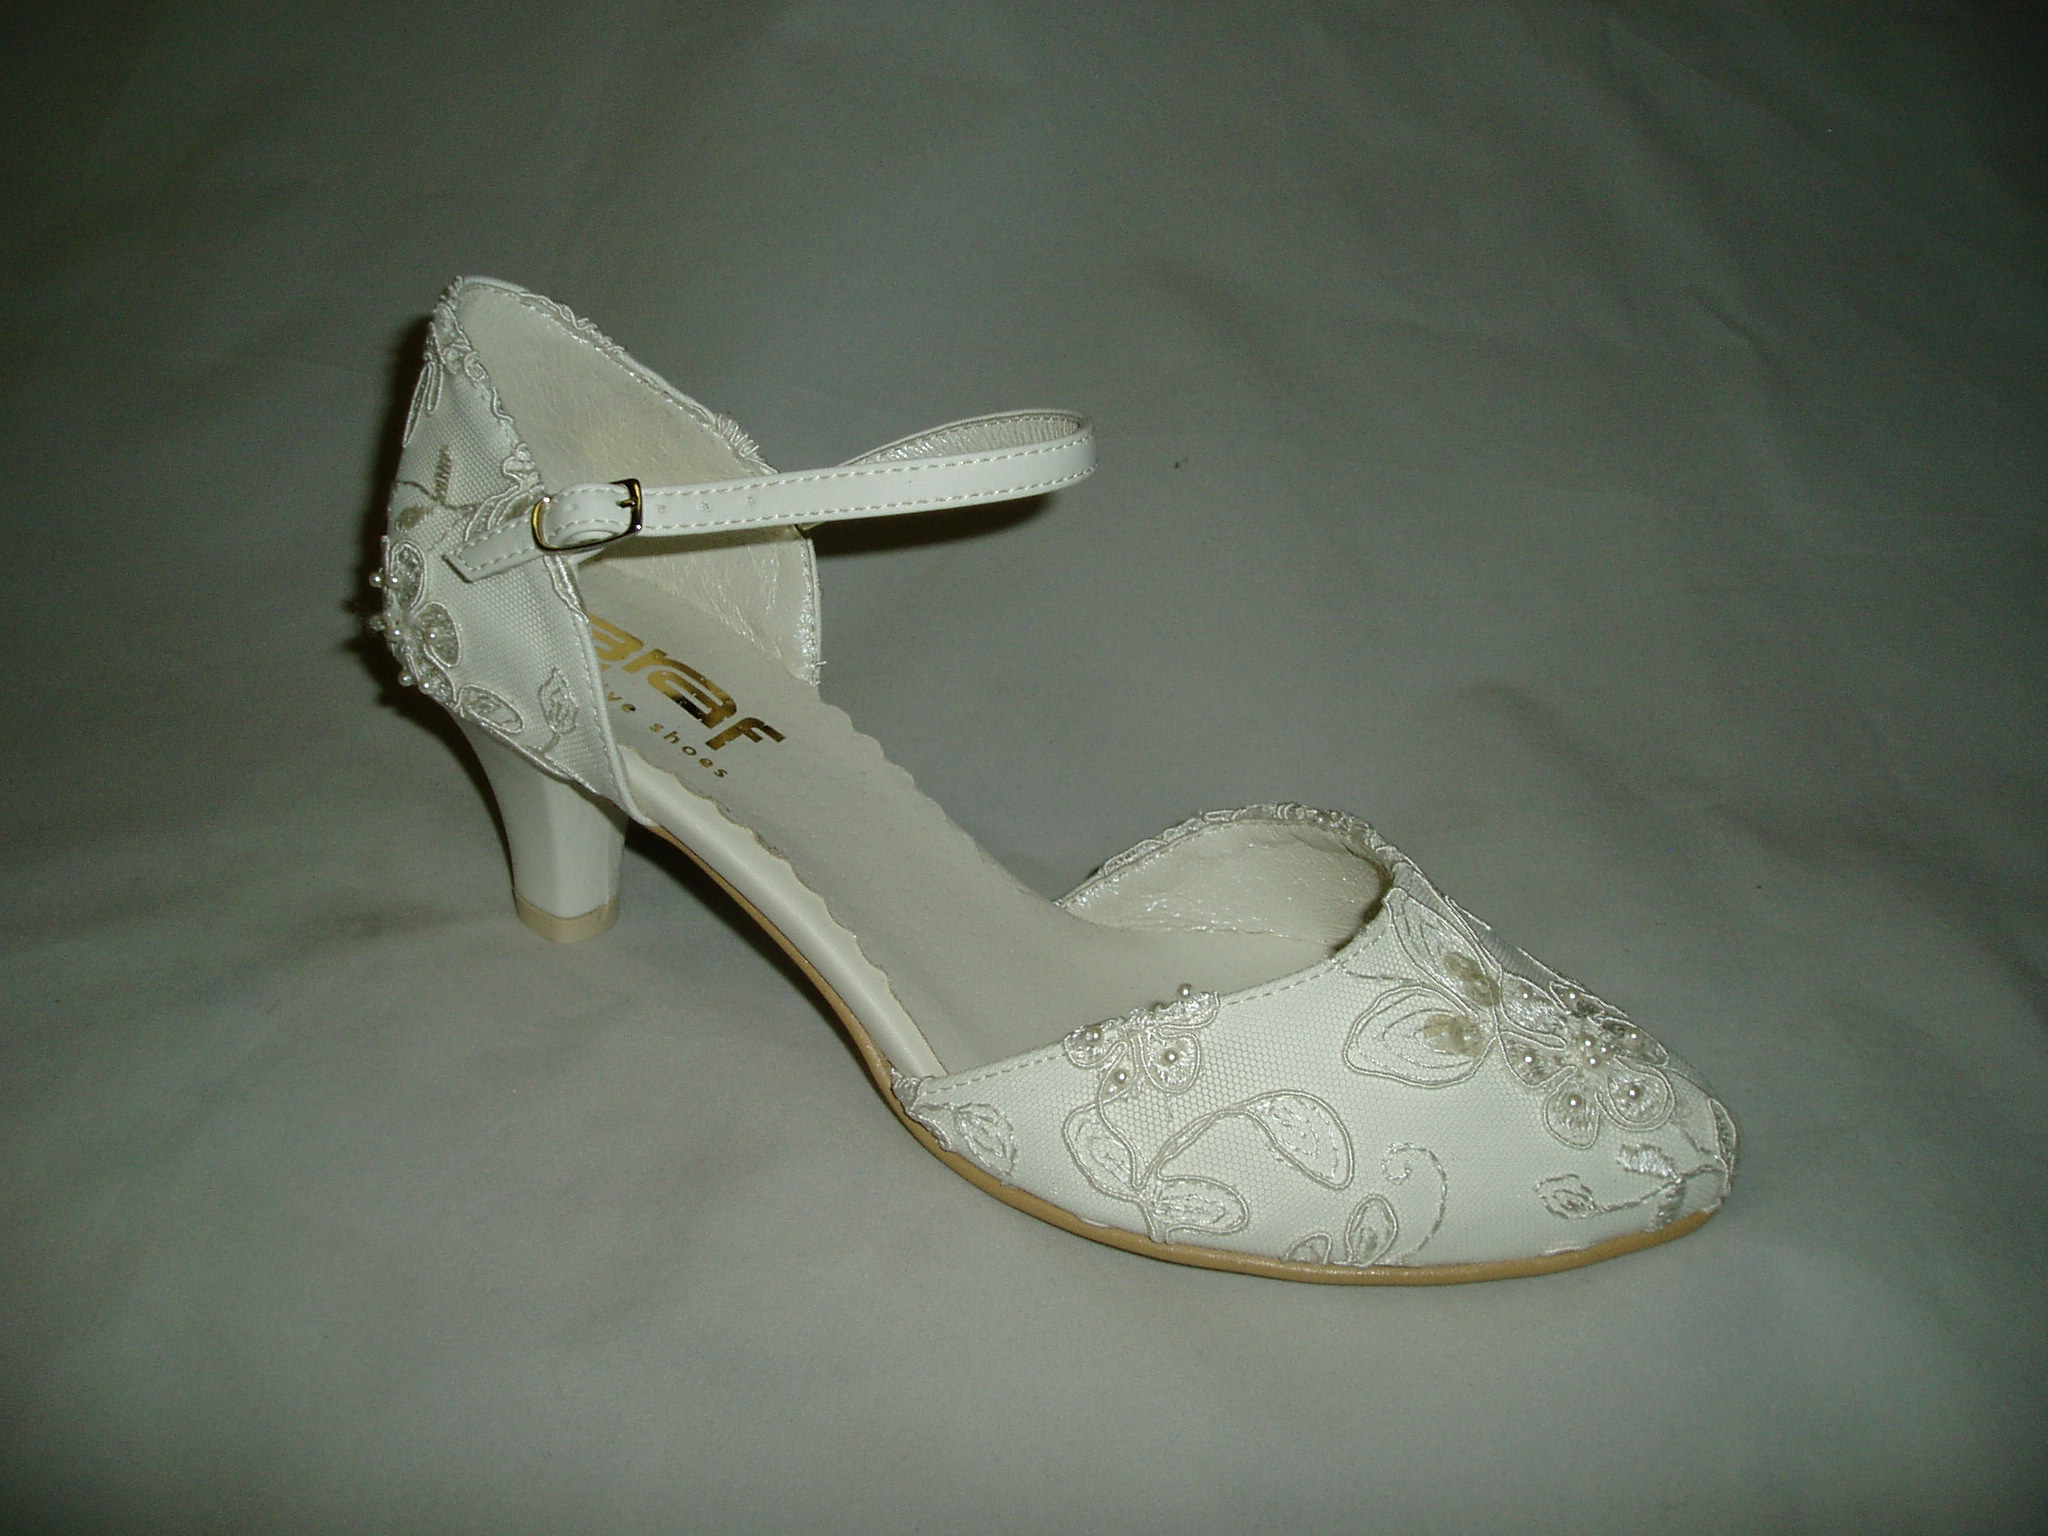 6eaaa42bfcb Svatební boty GRAF-880 PRIMA ECRU-podměrná